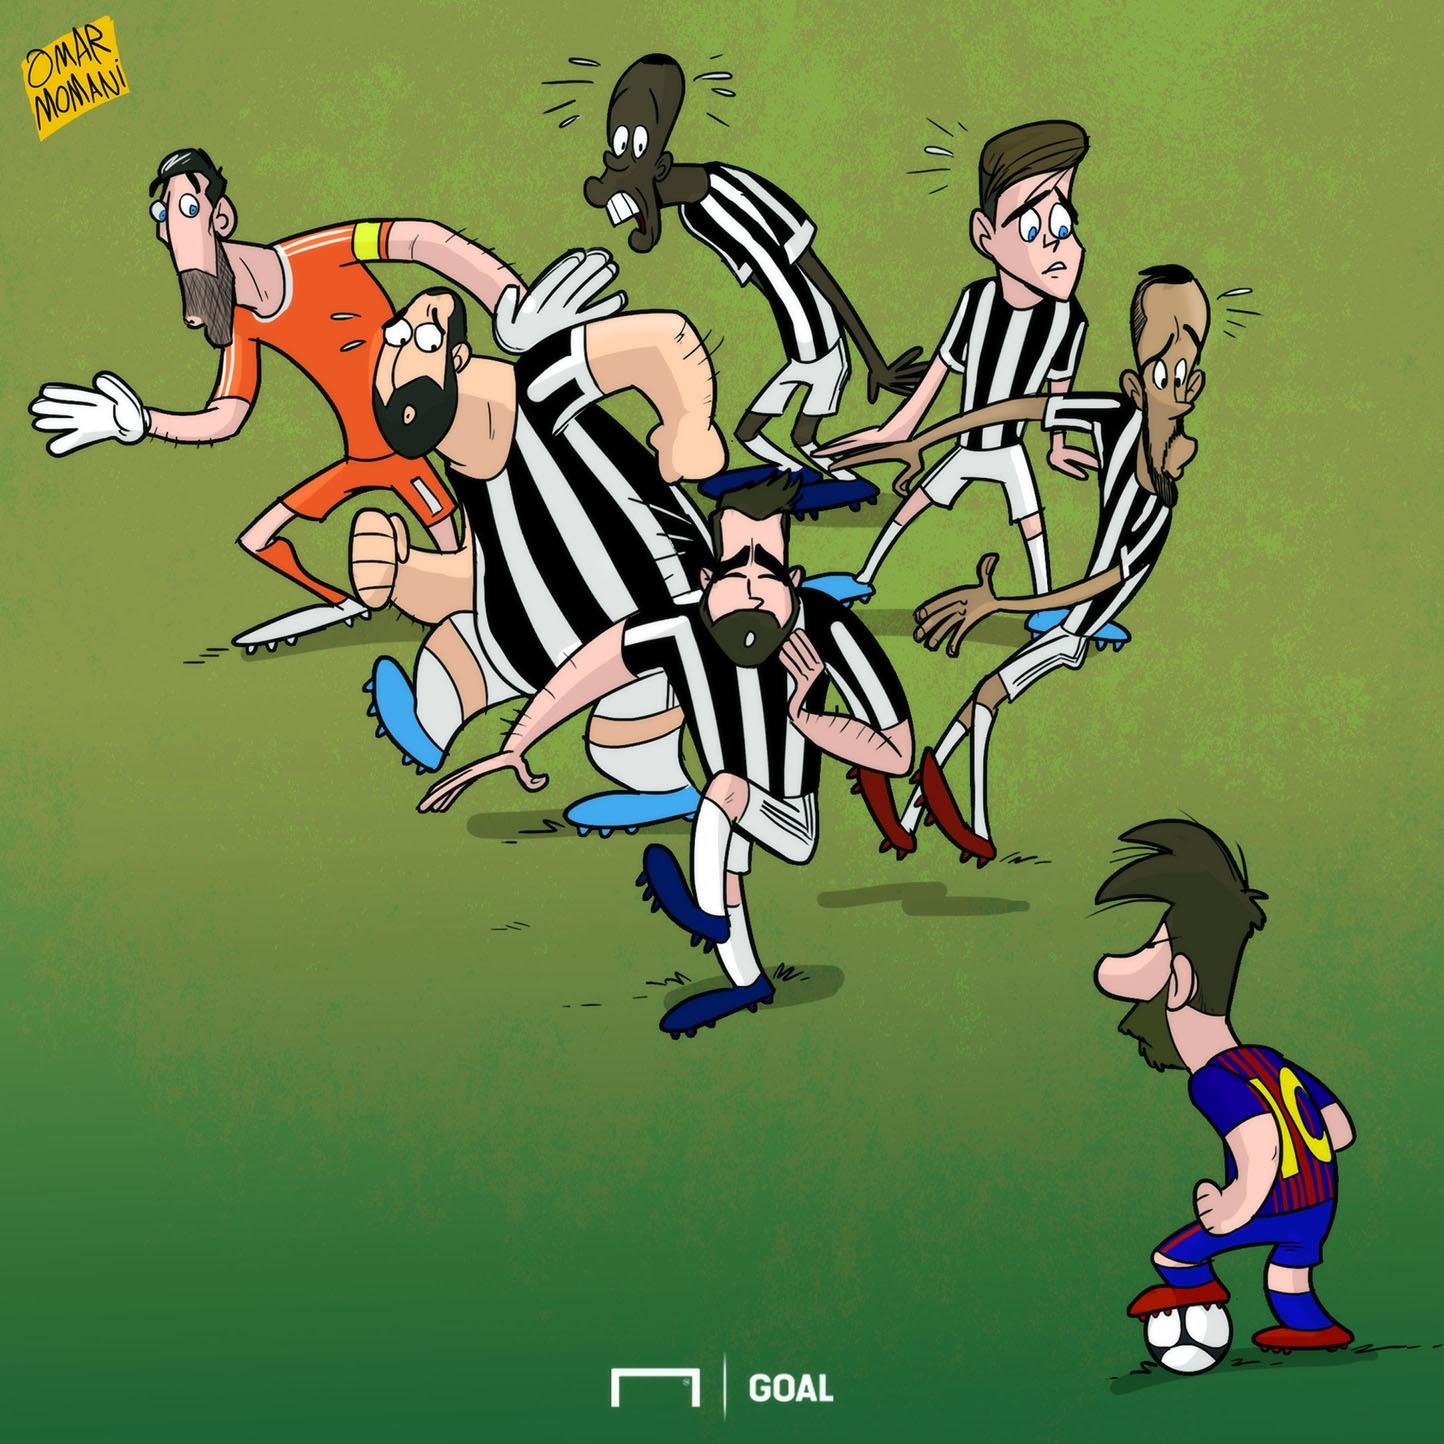 Kartun Goal Internasional 2017 - Lionel Messi Vs Juventus ...